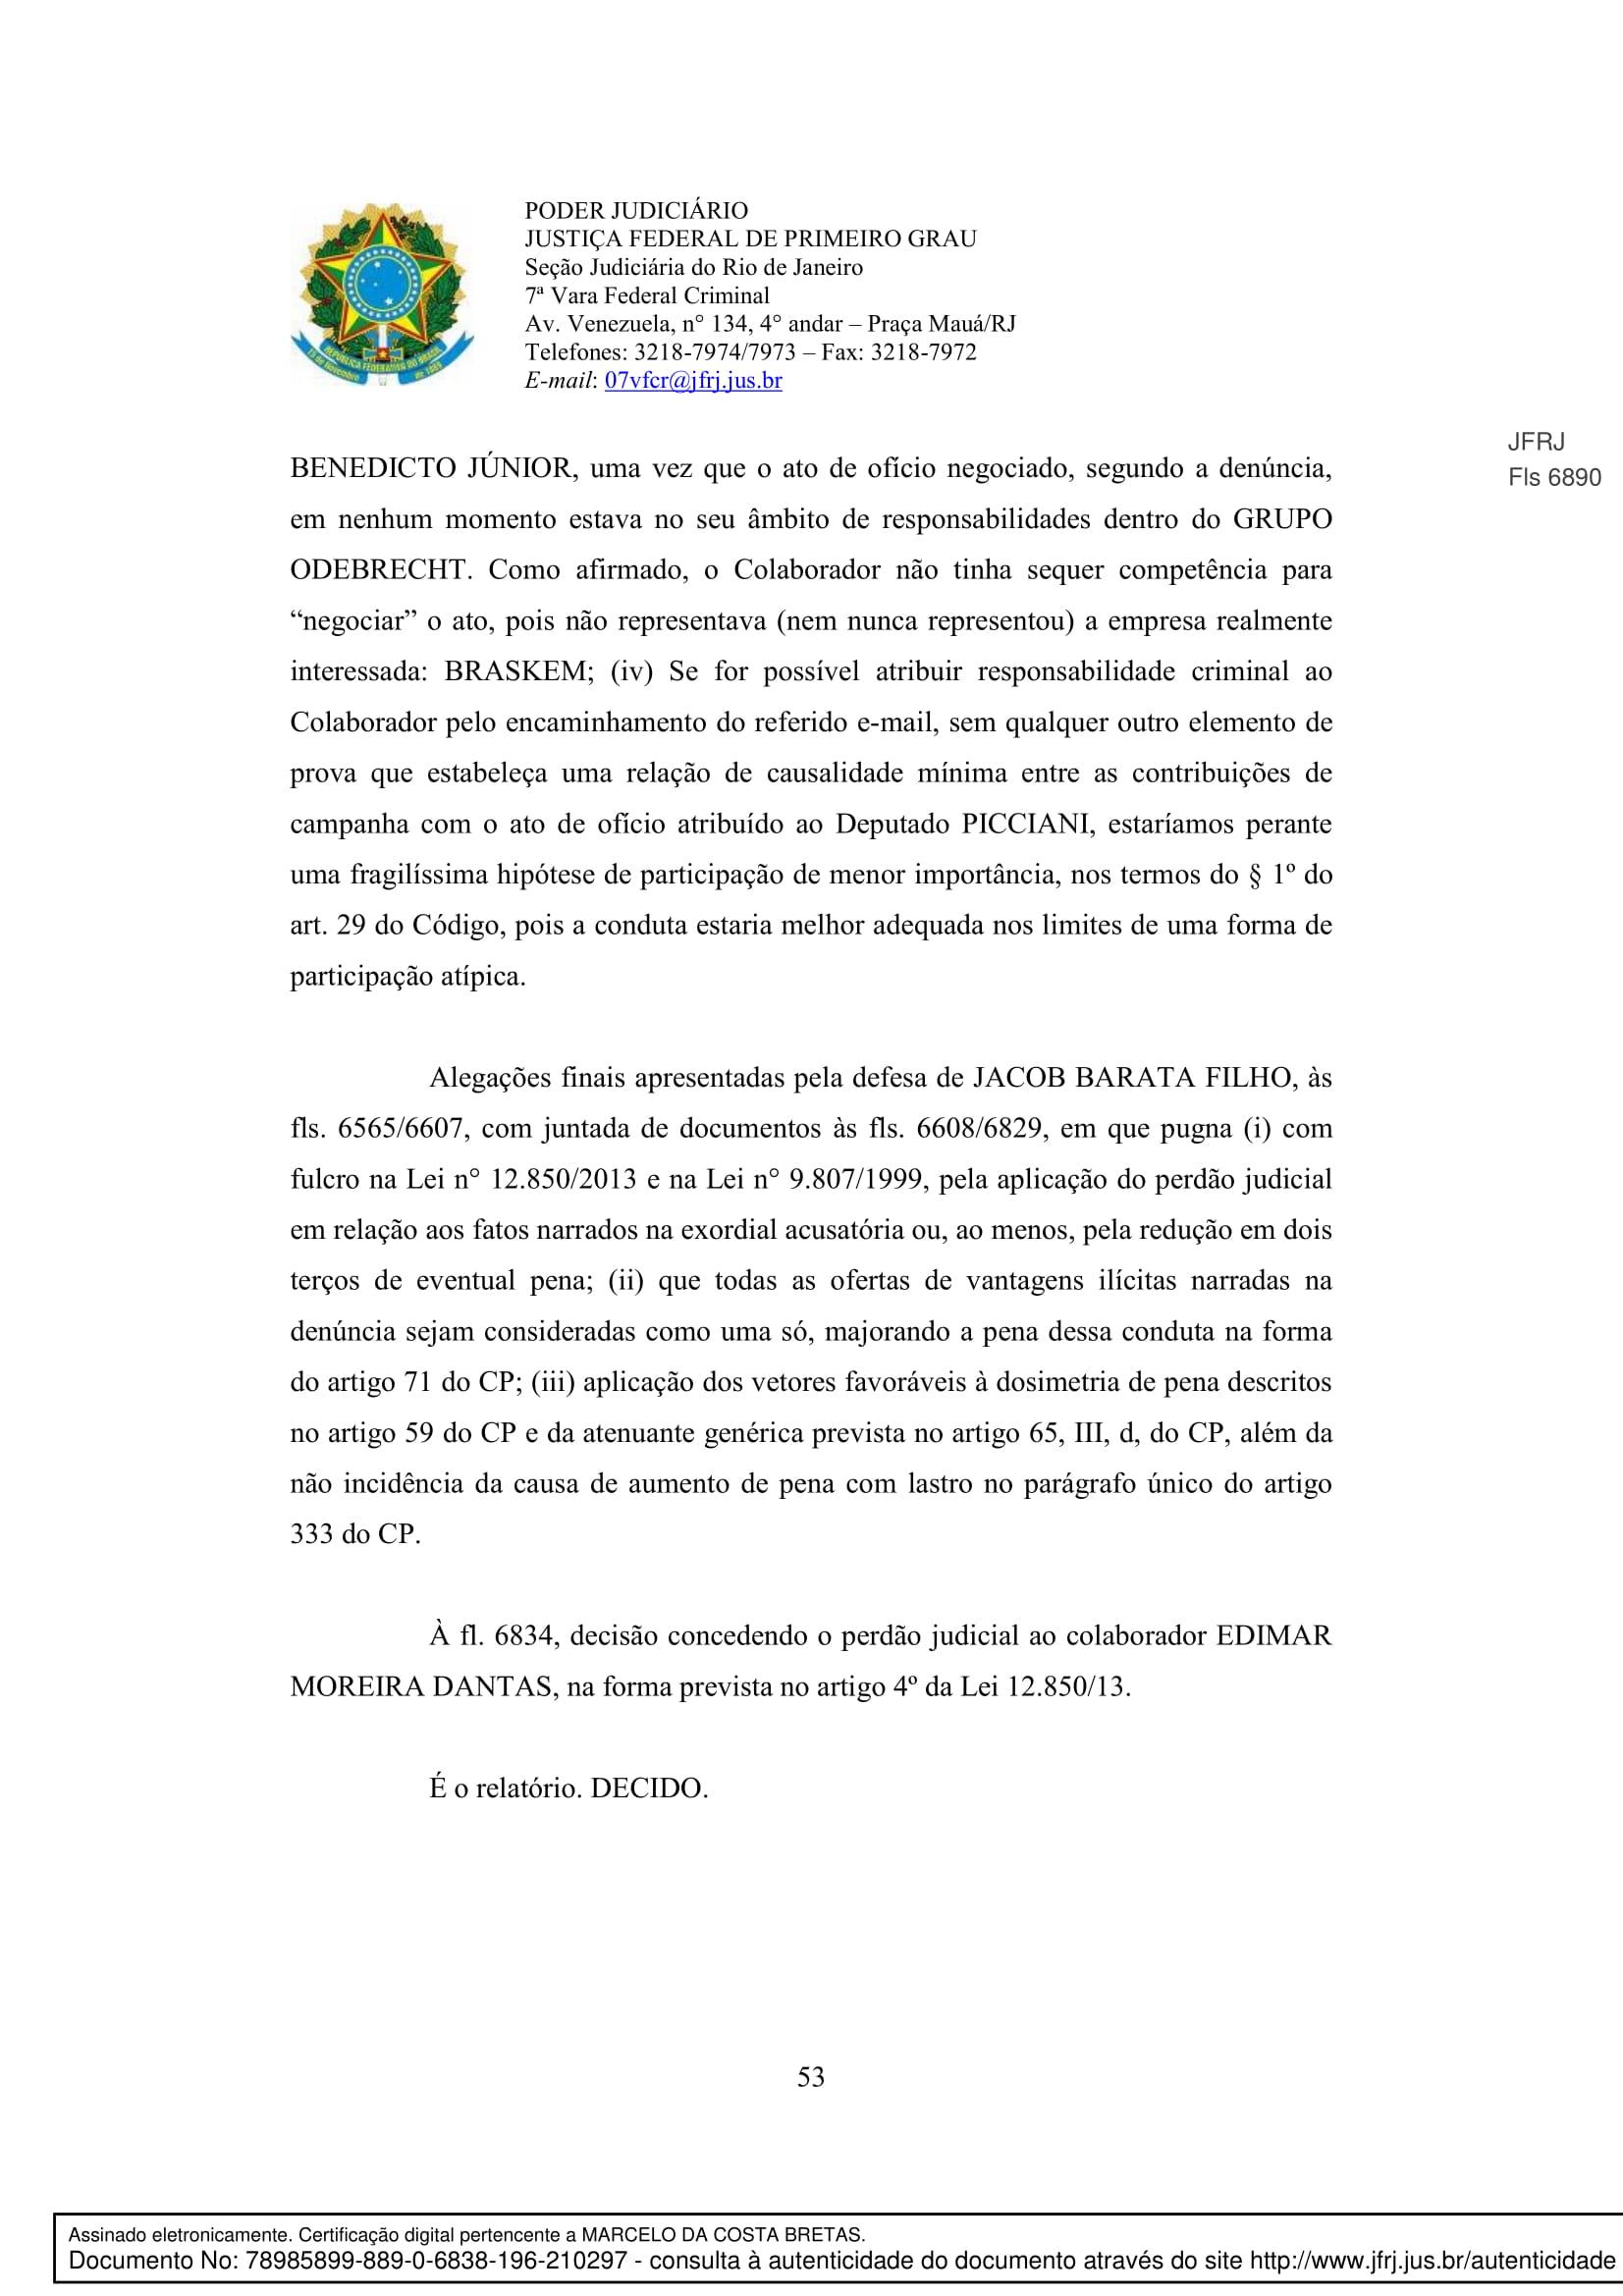 Sentenca-Cadeia-Velha-7VFC-053